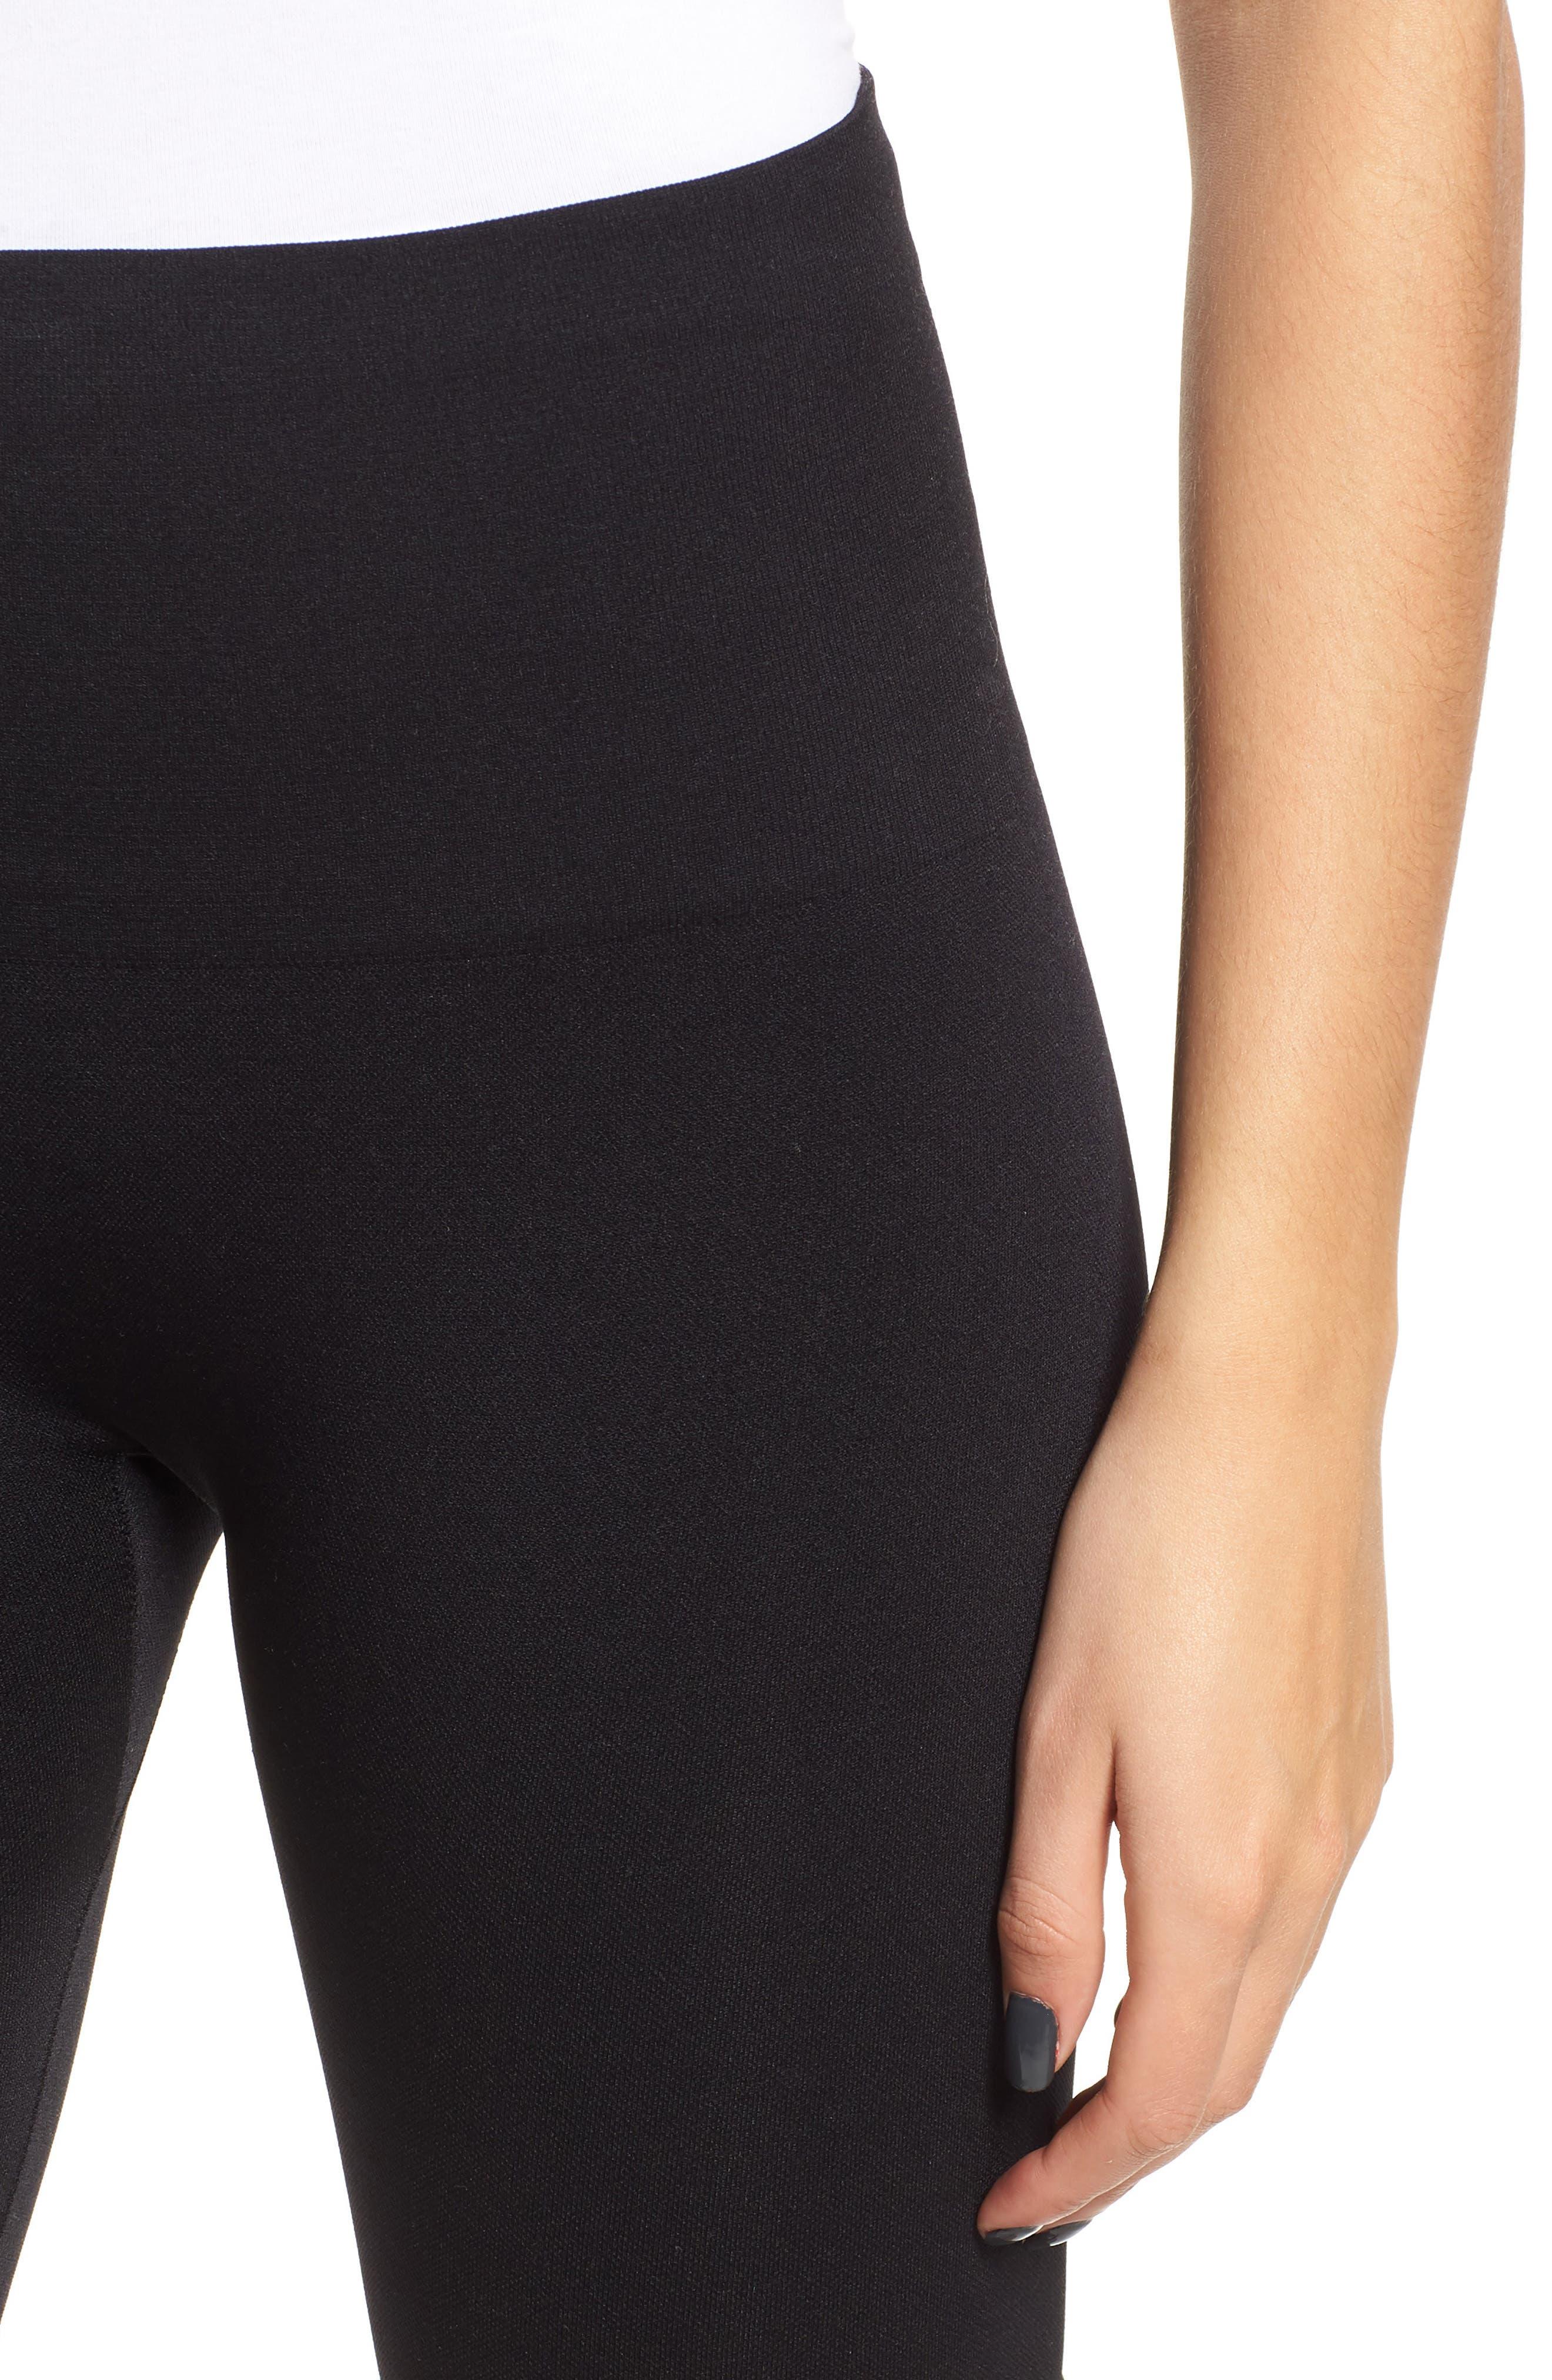 Seamless Bike Shorts,                             Alternate thumbnail 4, color,                             BLACK